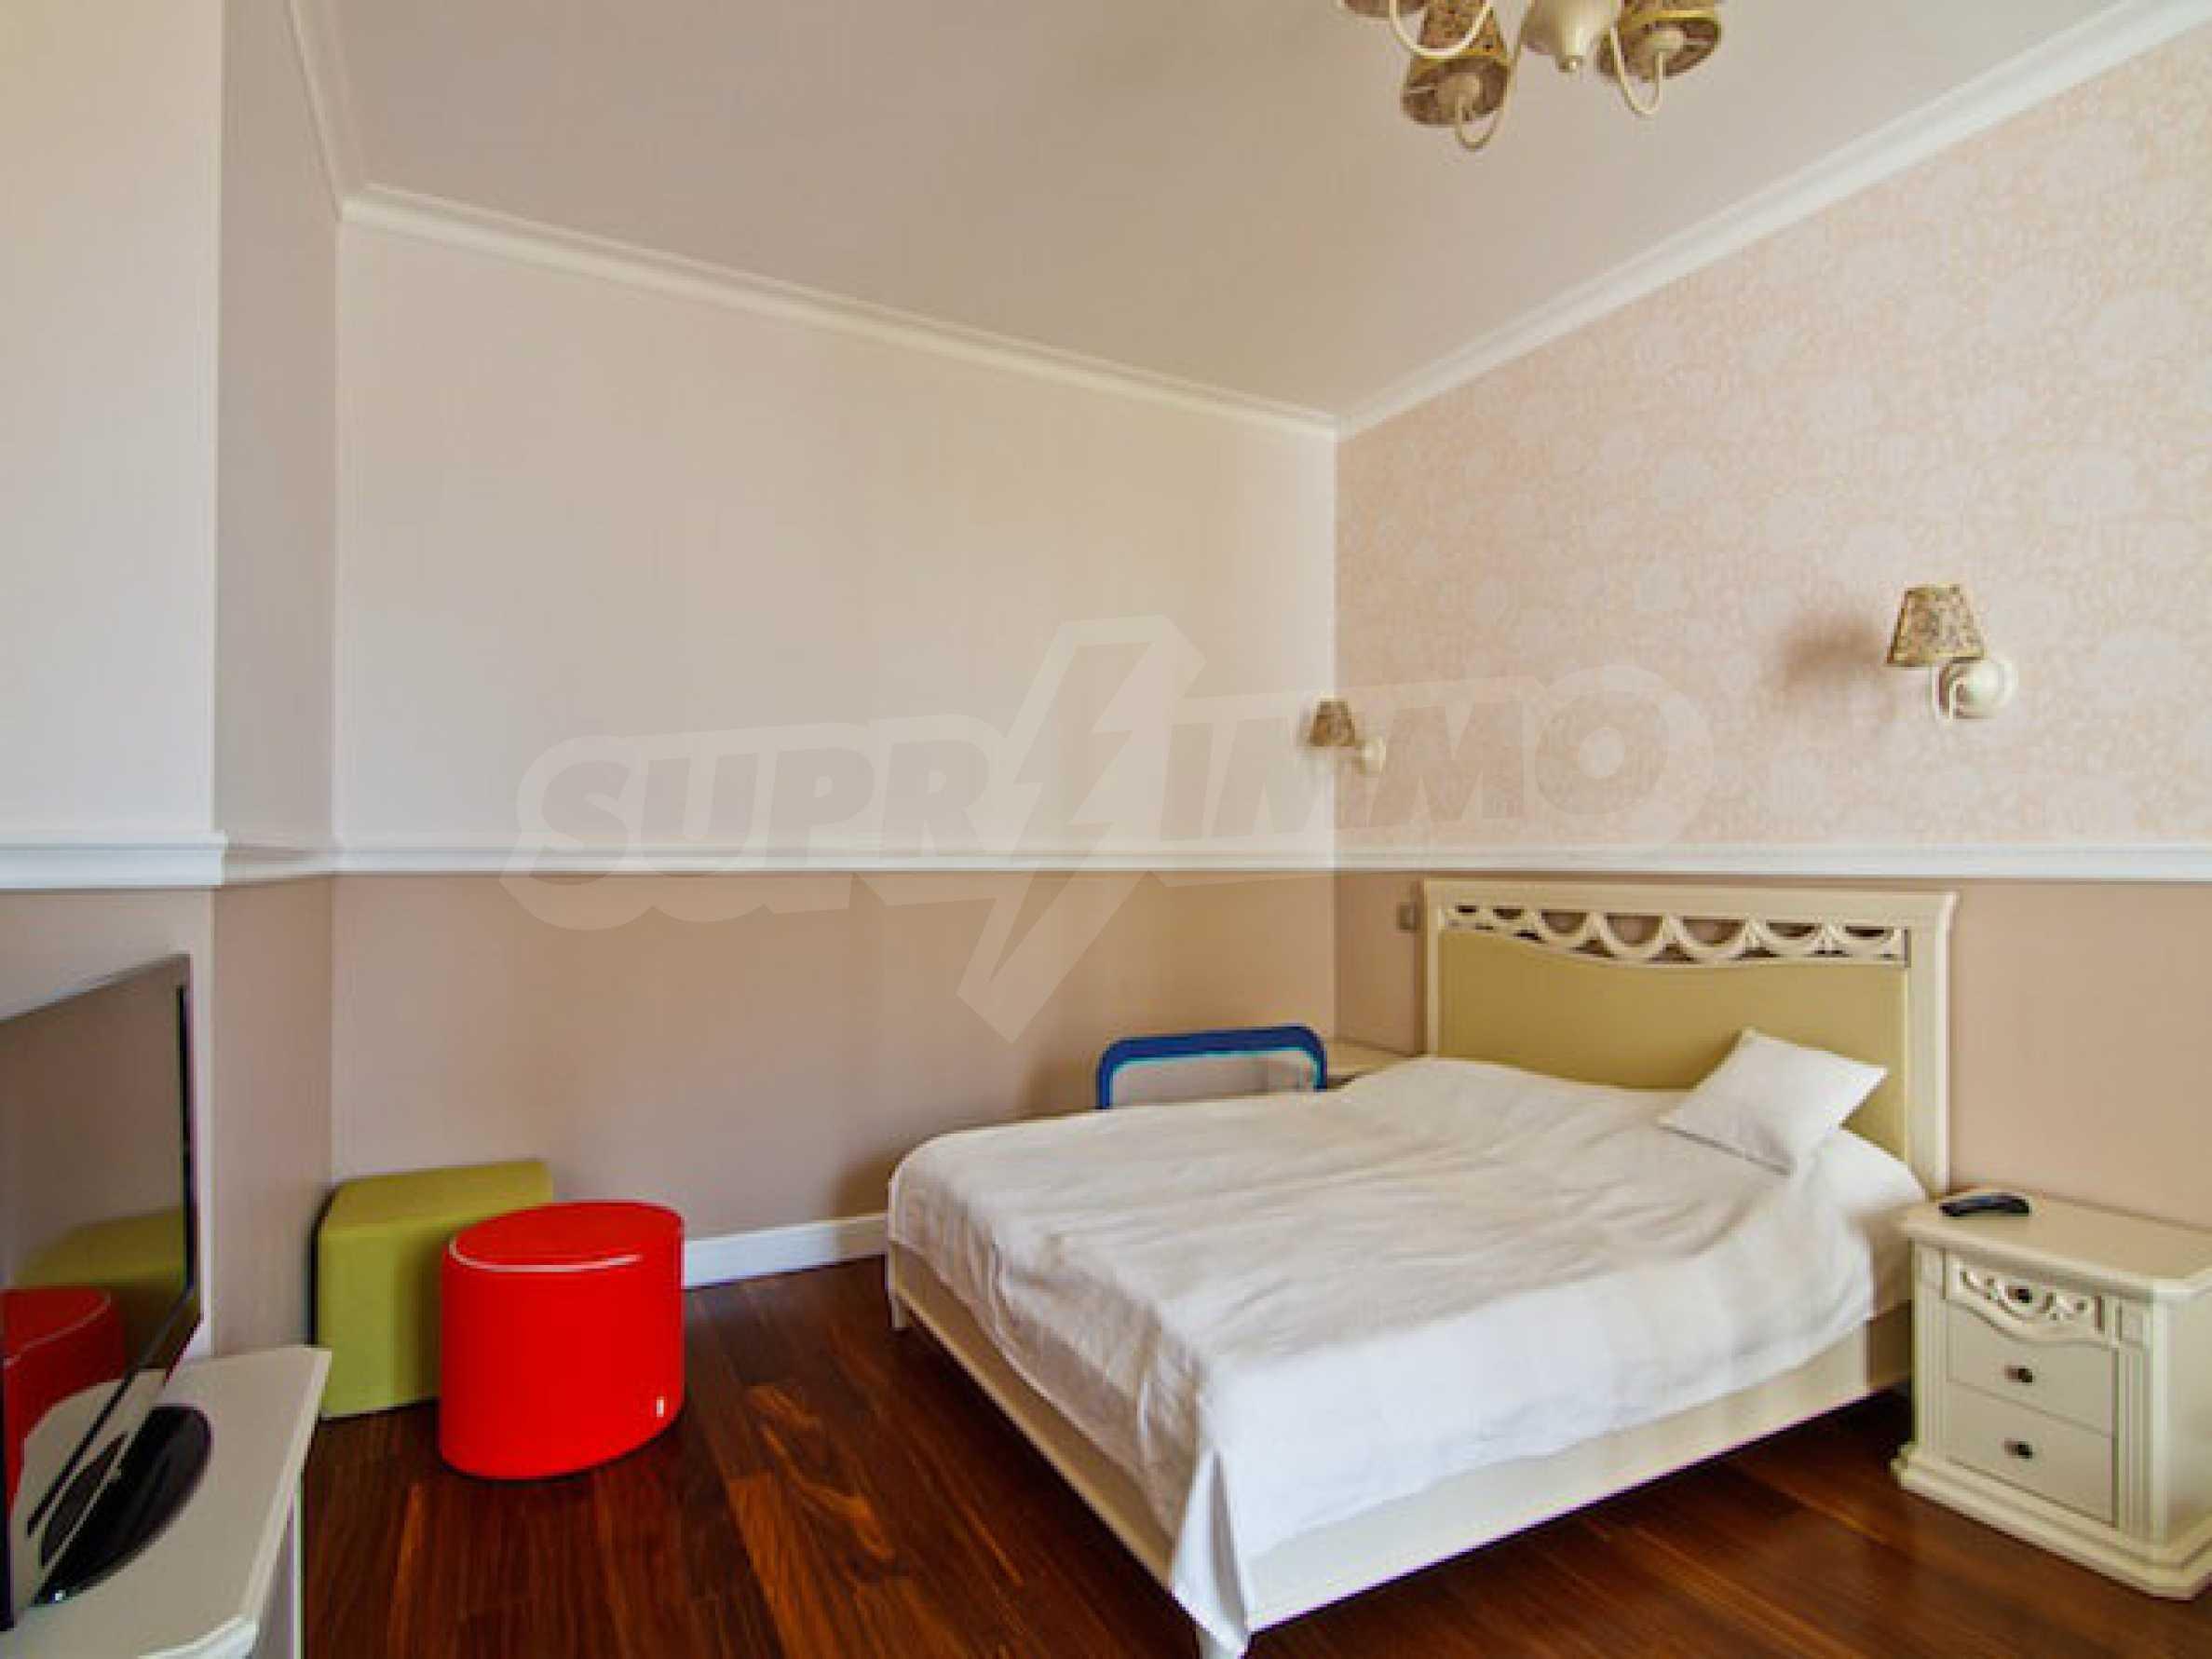 Luxuriös eingerichtetes Apartment mit einem Schlafzimmer 17